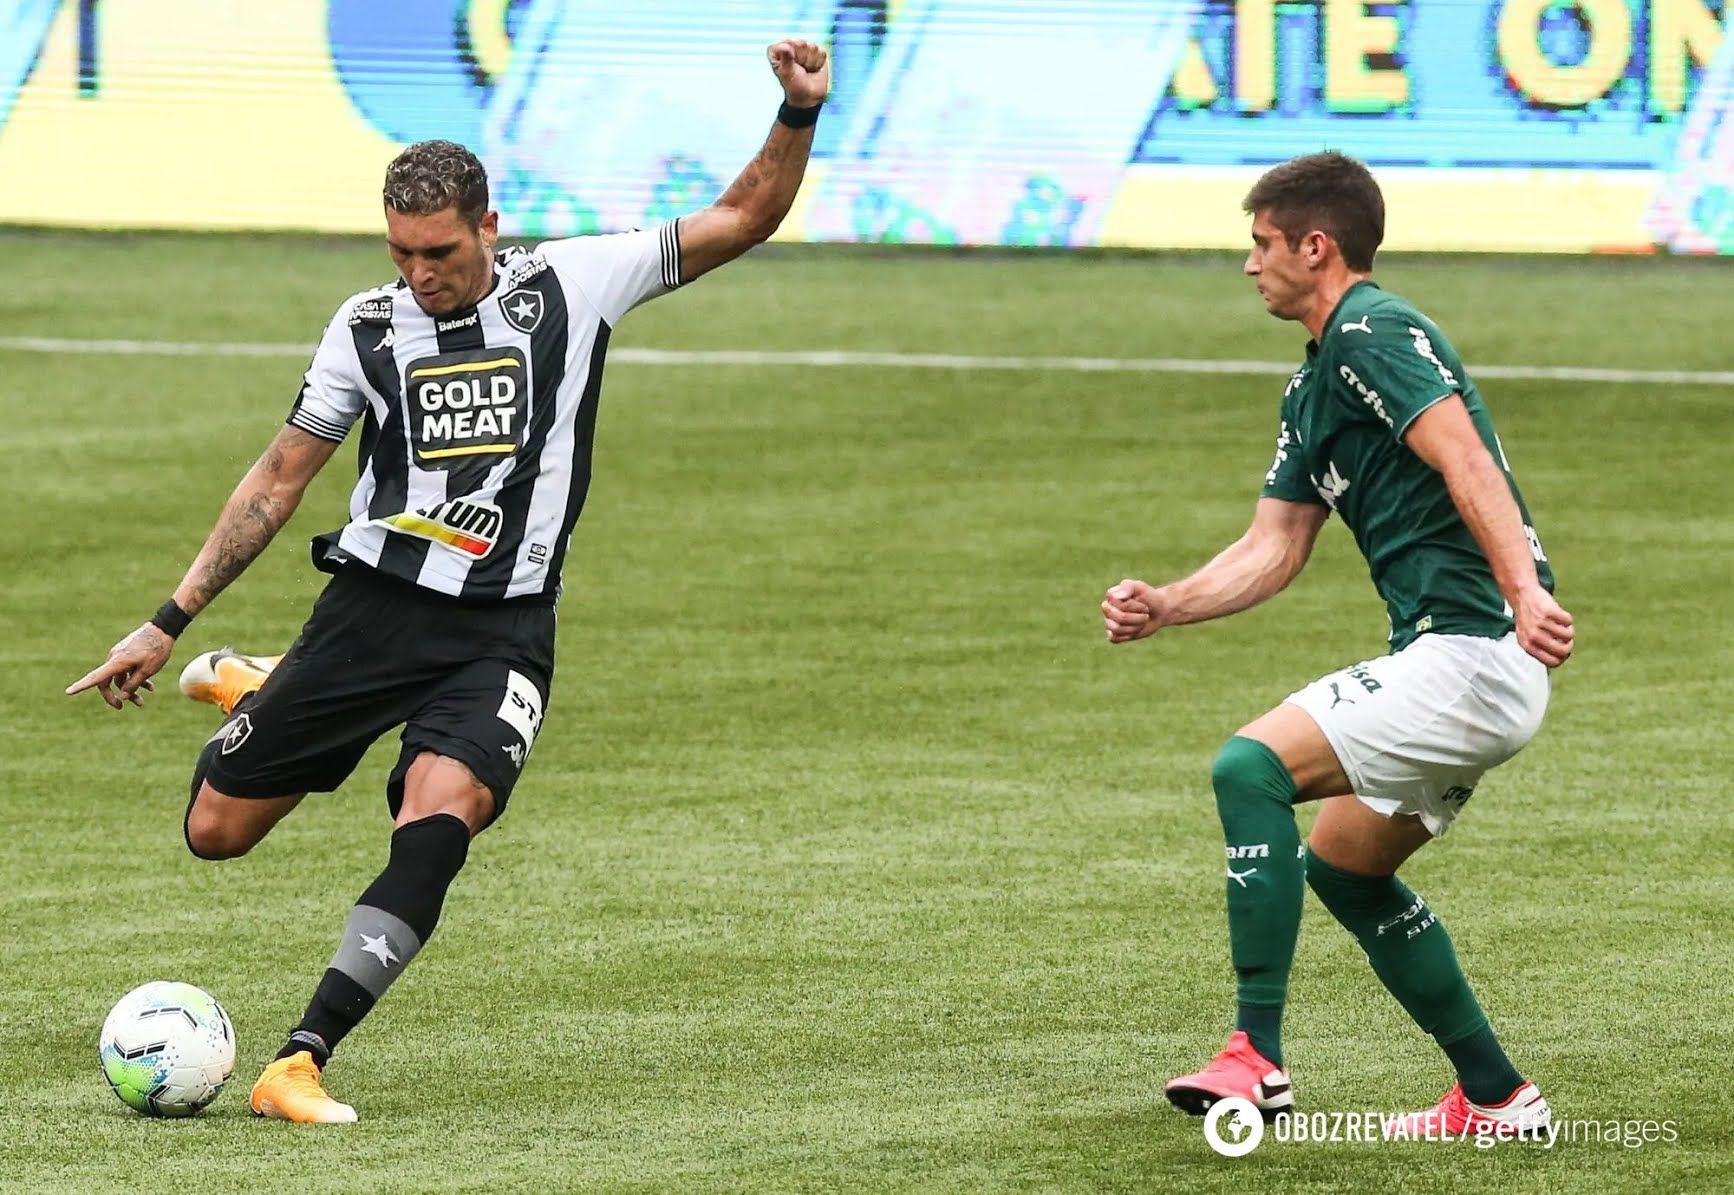 Футболист вместо мяча влетел прямой ногой в лицо сопернику. Видео